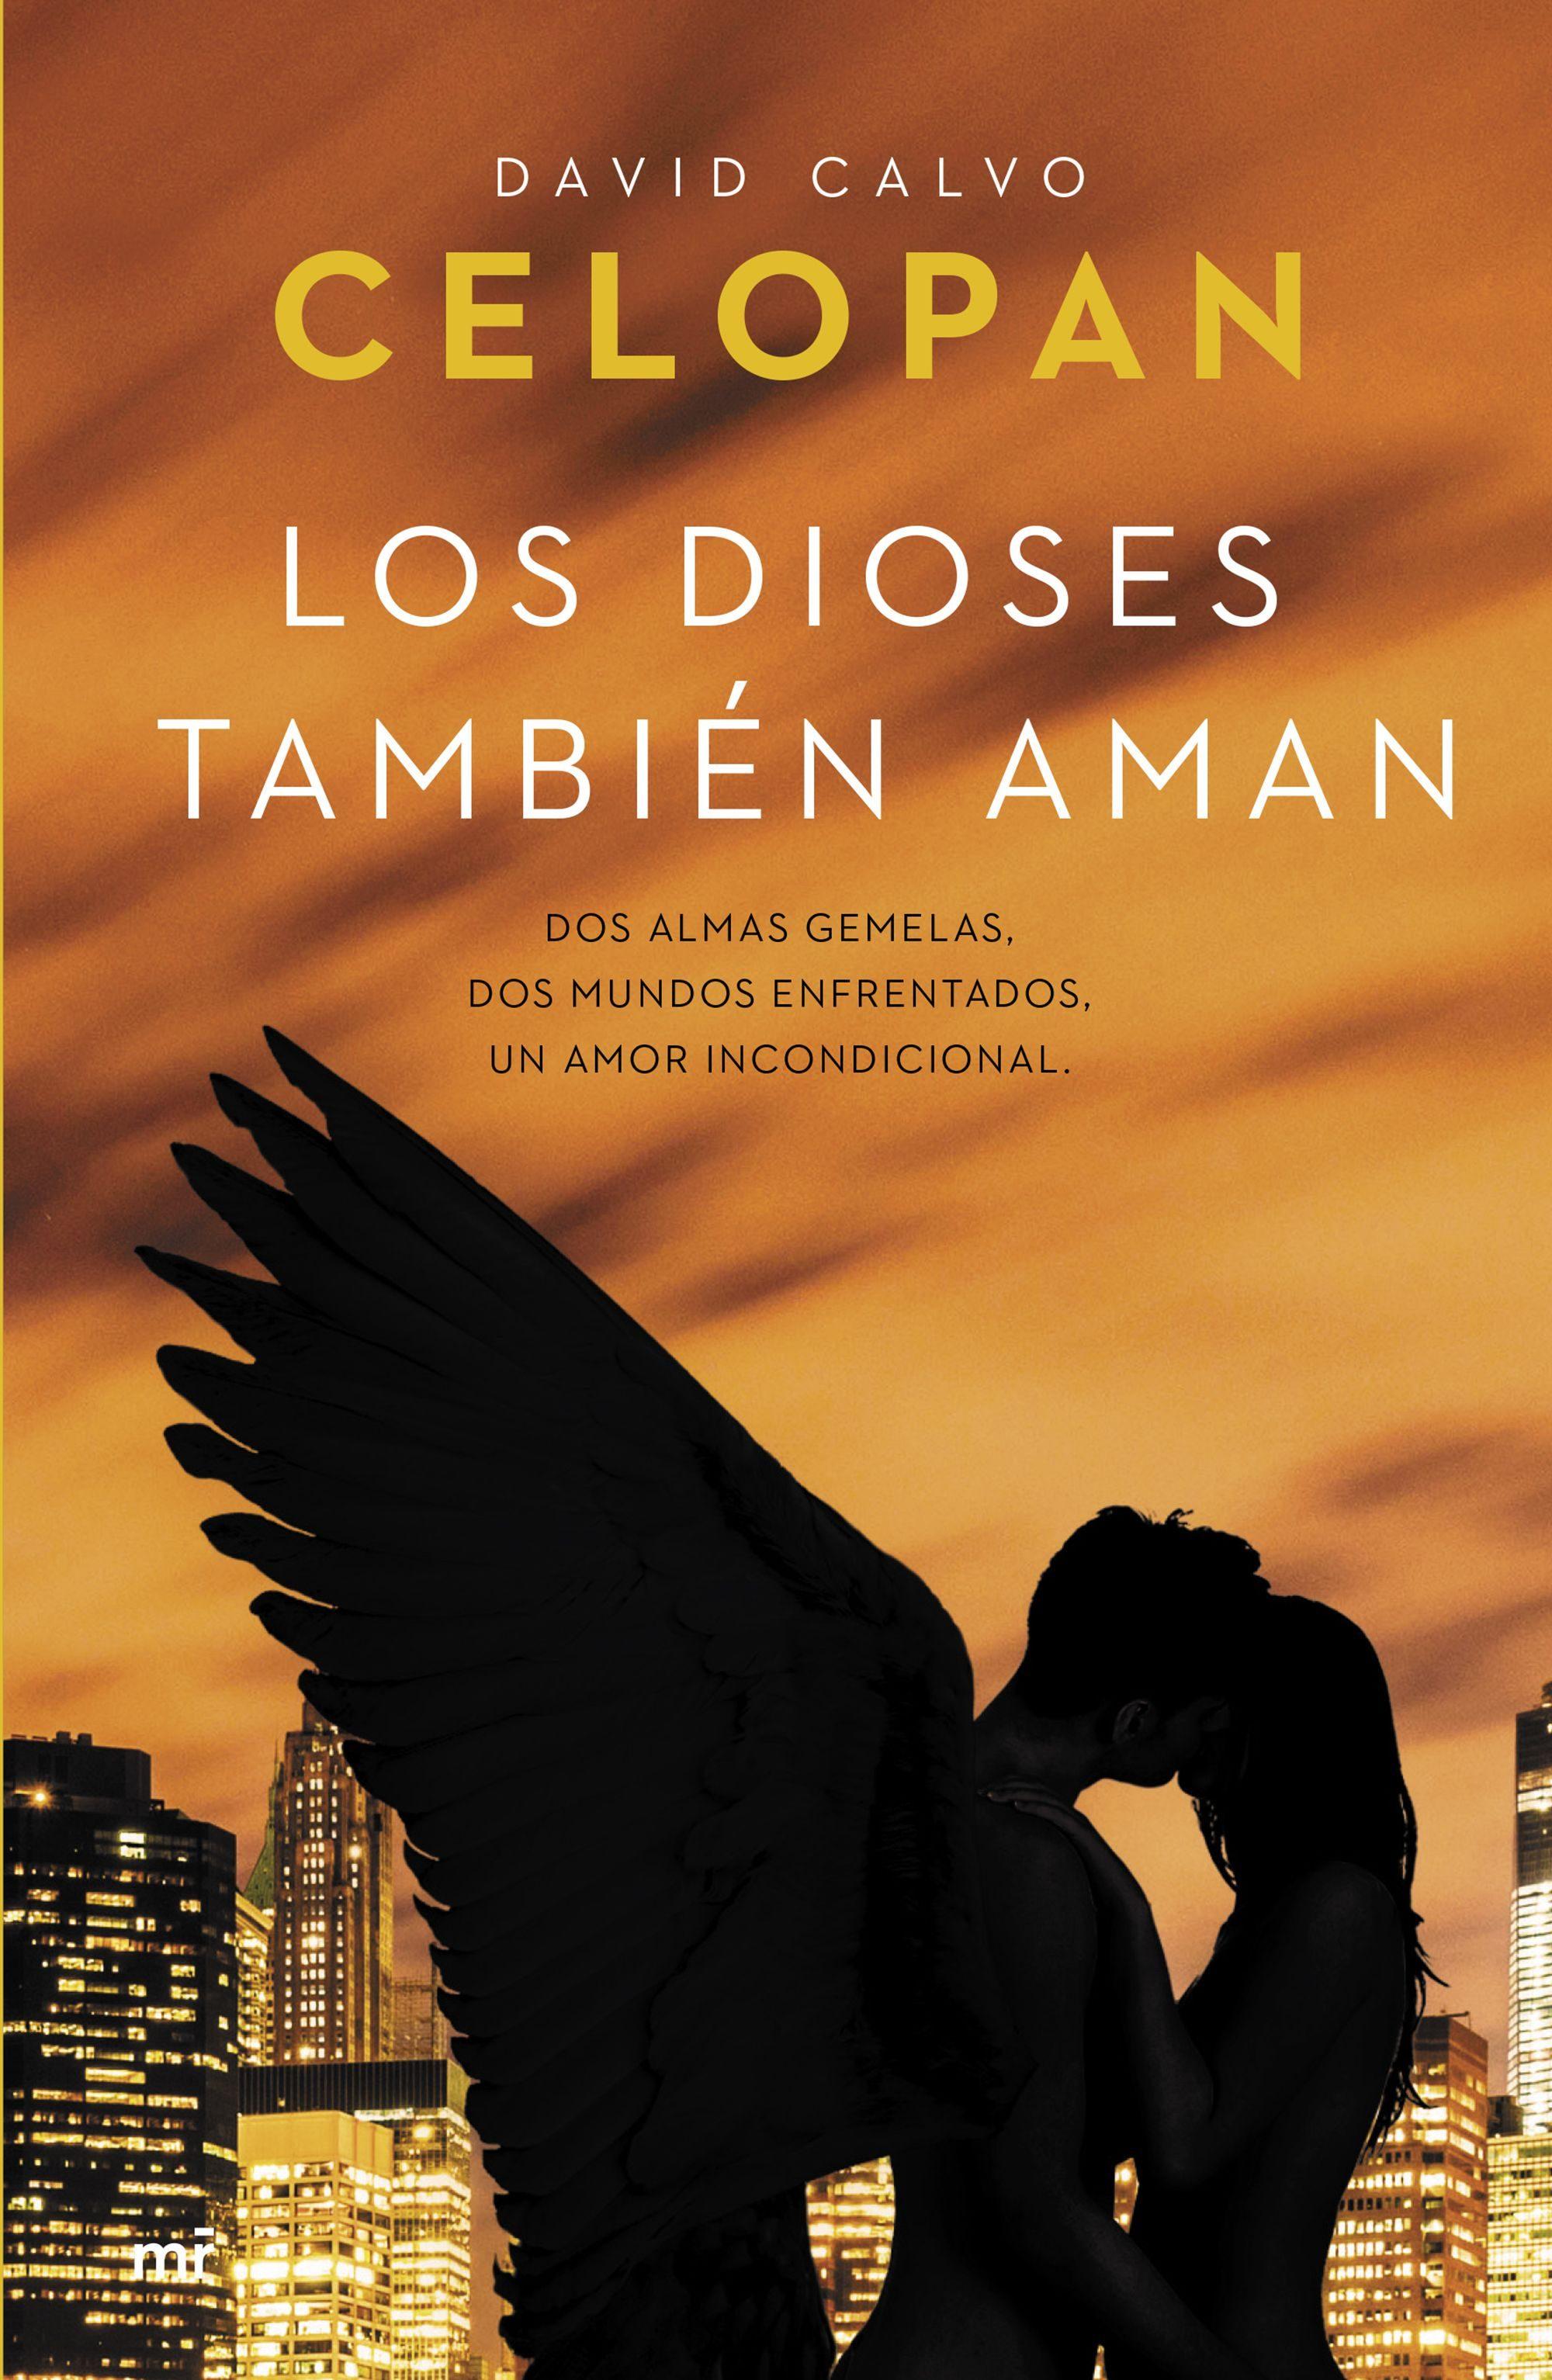 Los Dioses También Aman - Celopan - Ediciones Martínez Roca